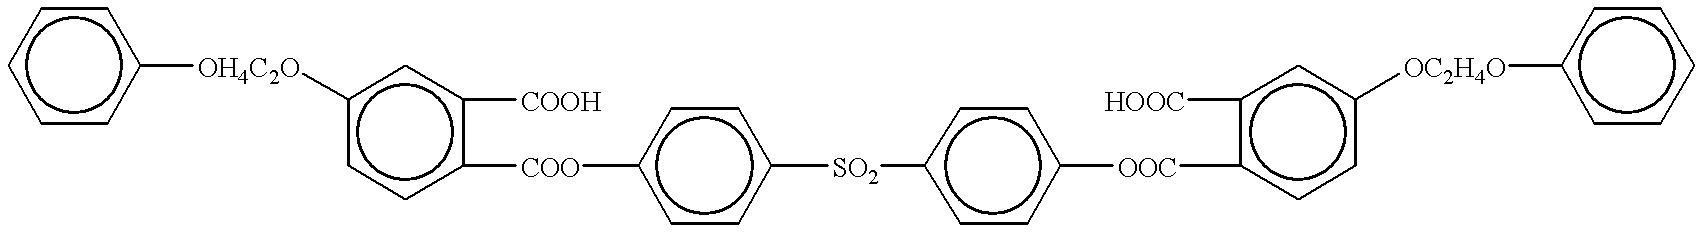 Figure US06180560-20010130-C00304